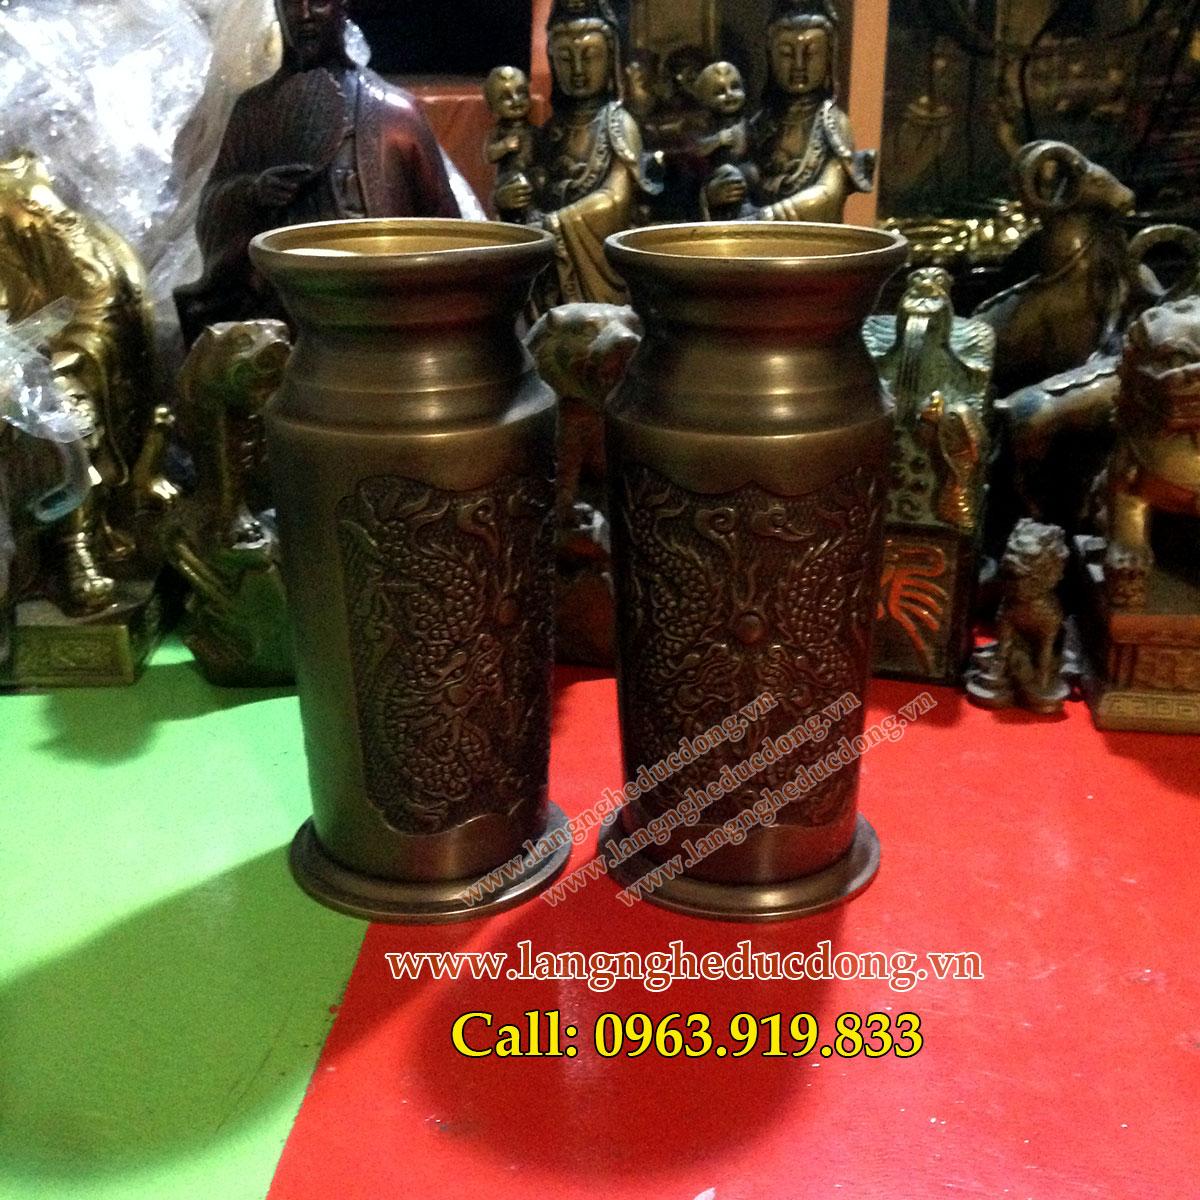 langngheducdong.vn - ống cắm hương bằng đồng cao 18cm, ống hương đồng